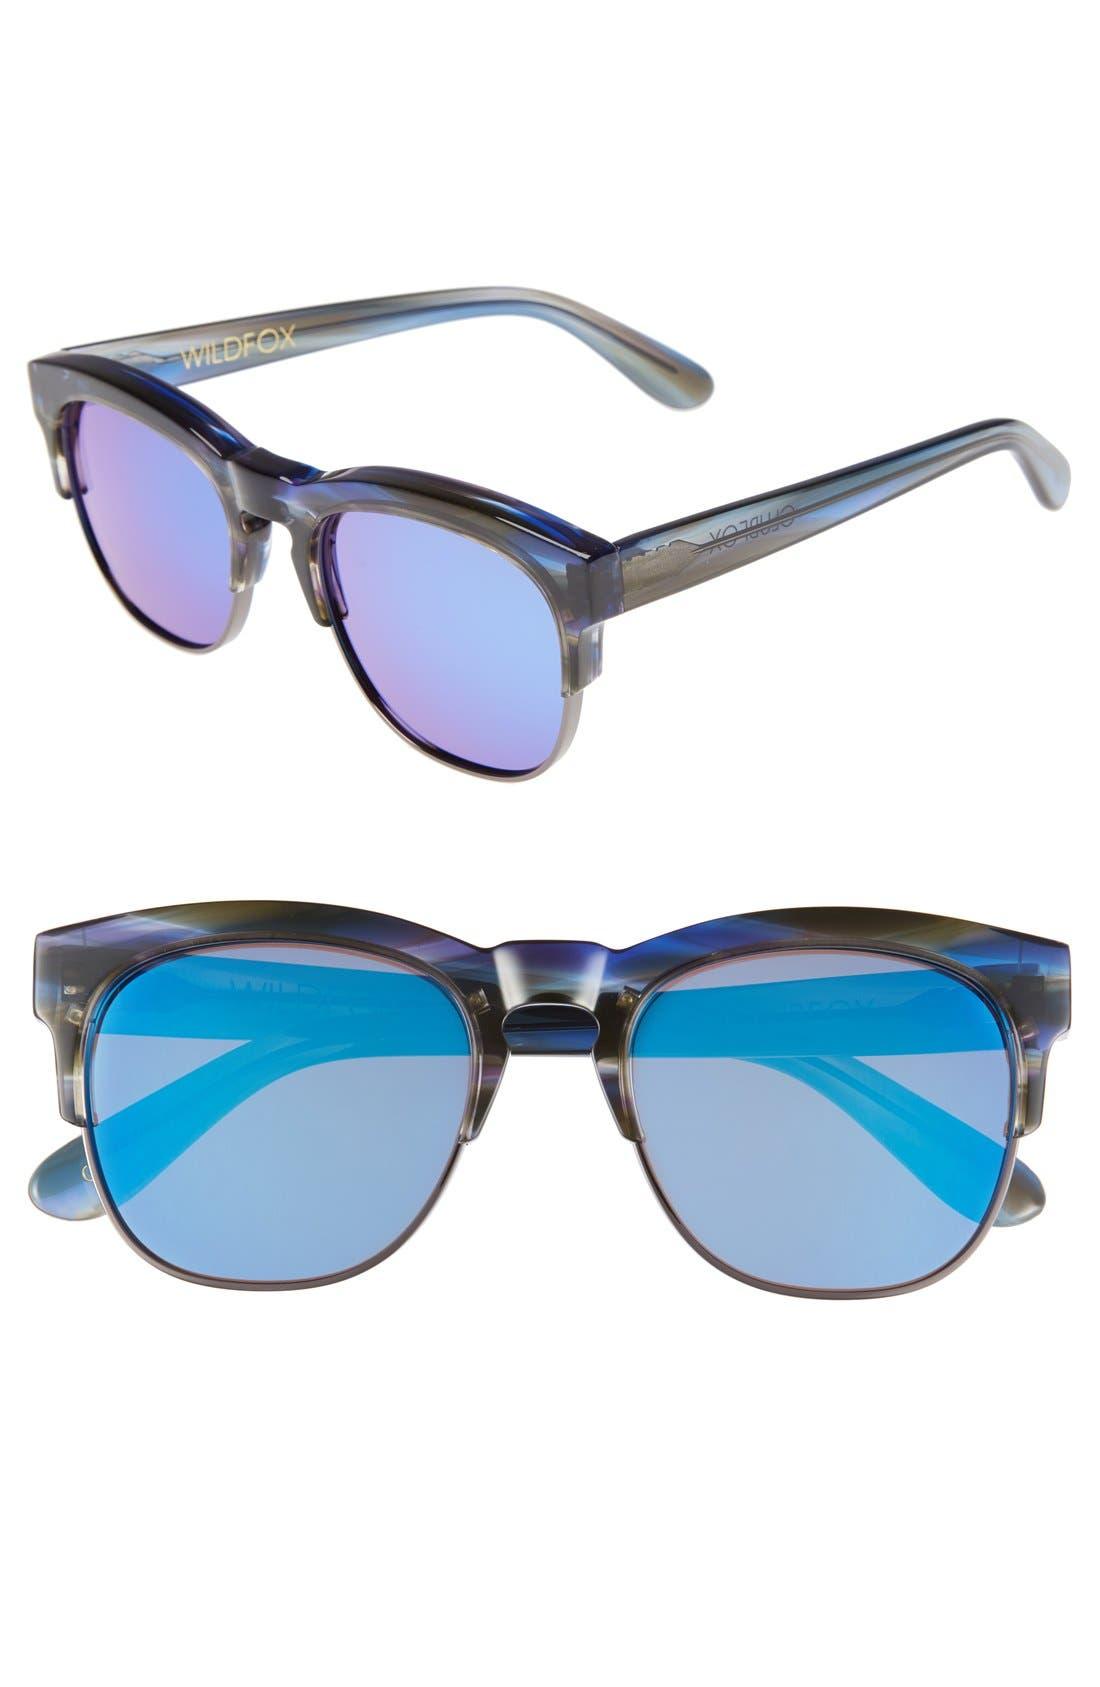 WILDFOX 'Club Fox Deluxe' 52mm Sunglasses, Main, color, 020